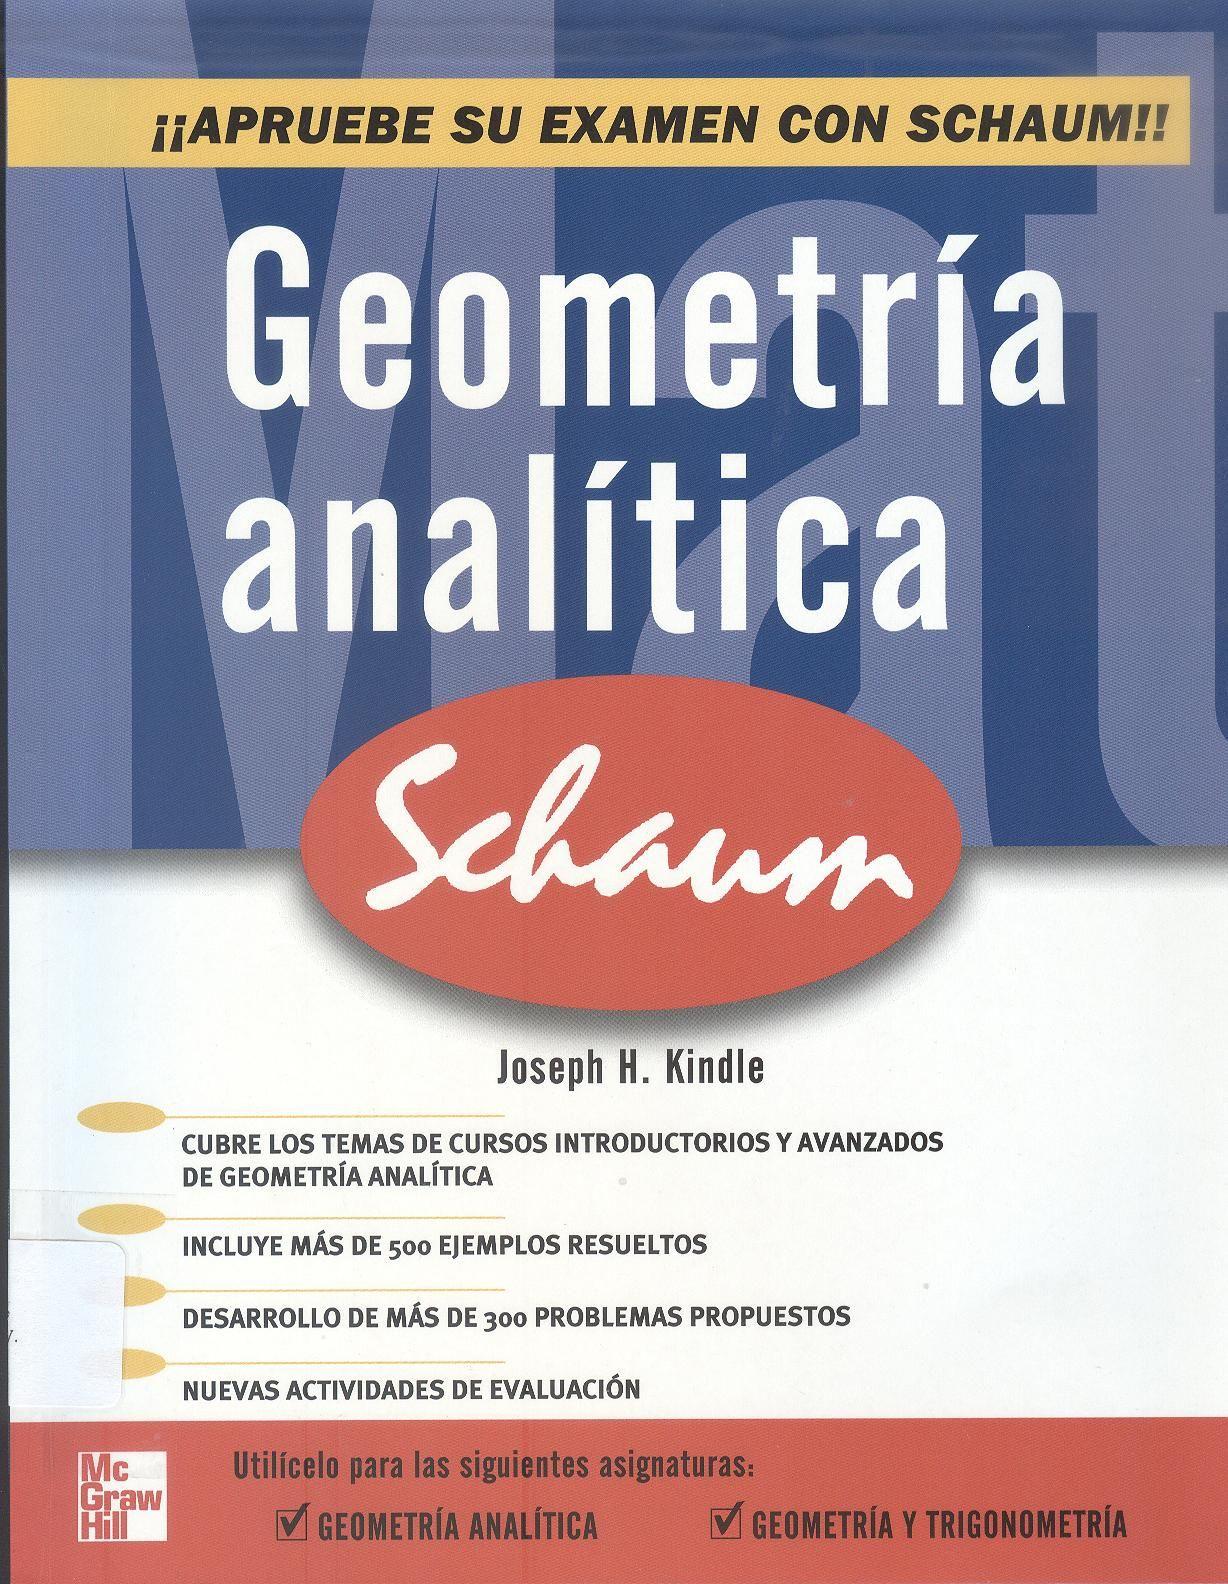 Kindle joseph h geometr a anal tica plana y del espacio 3 ejemplares